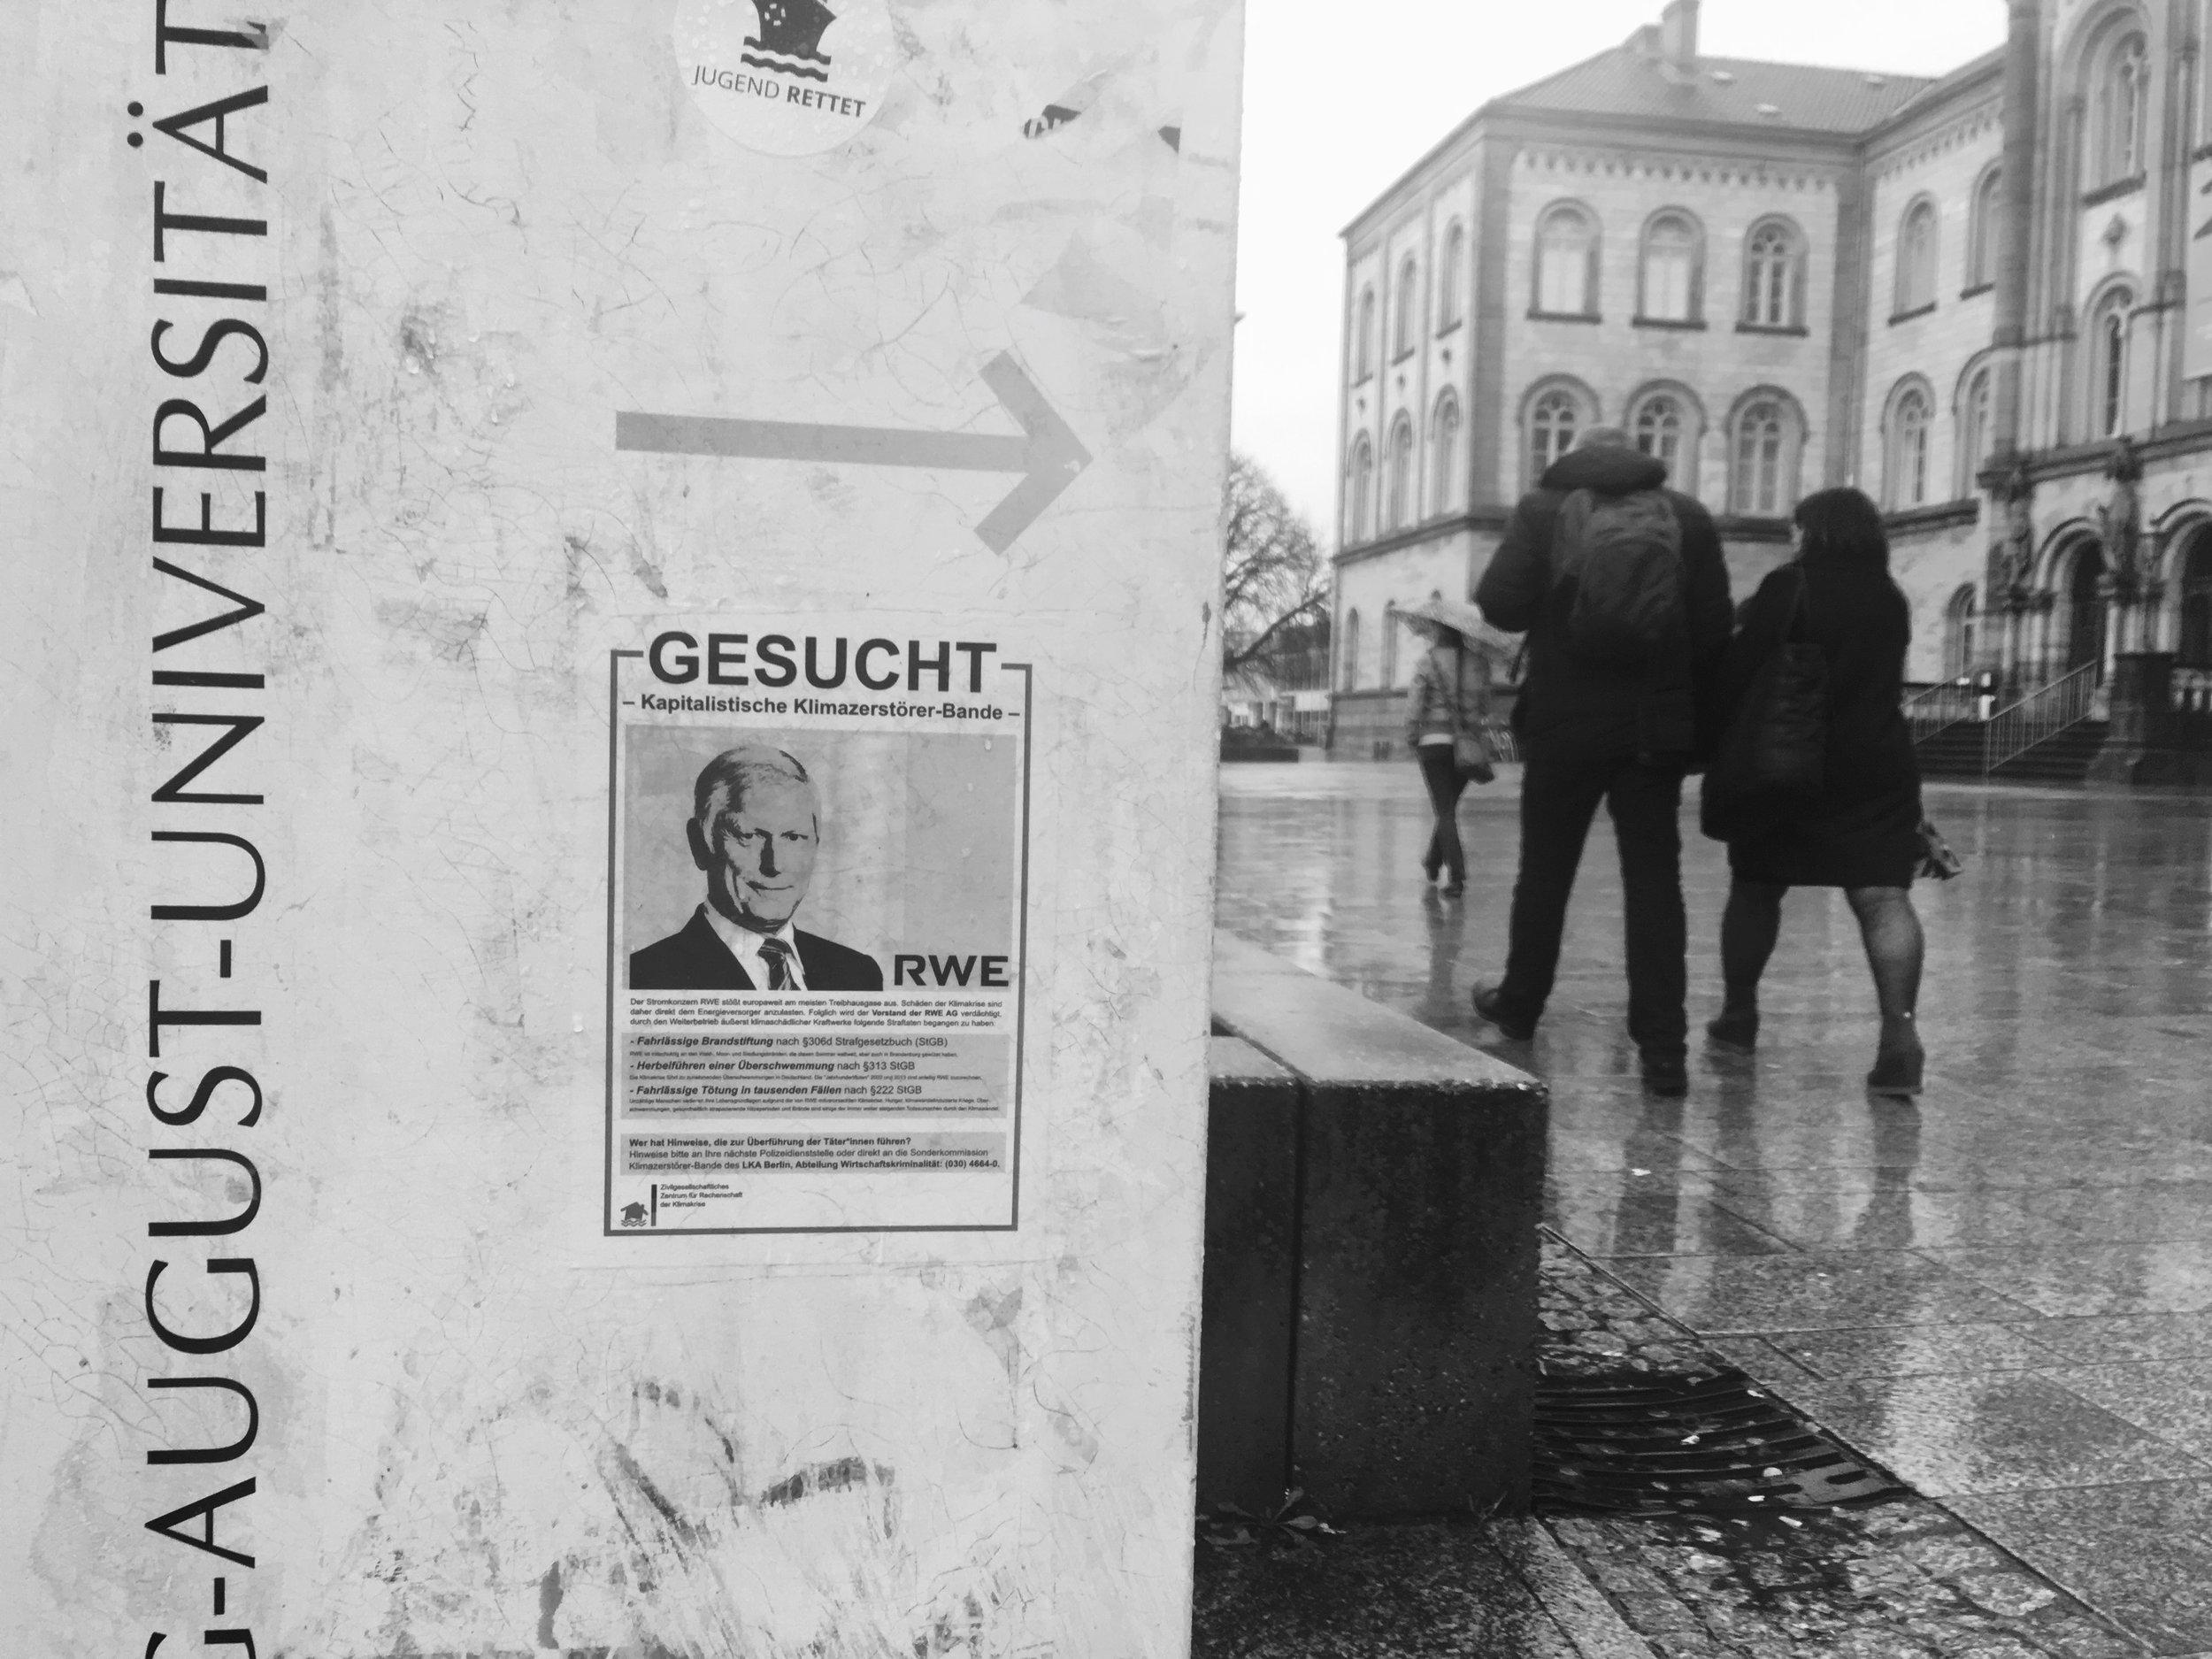 Affiche à l'Université Georg-August de Göttingen en janvier 2019 appelant à juger le PDG de RWE, Rolf Martin Schmitz pour divers crimes.